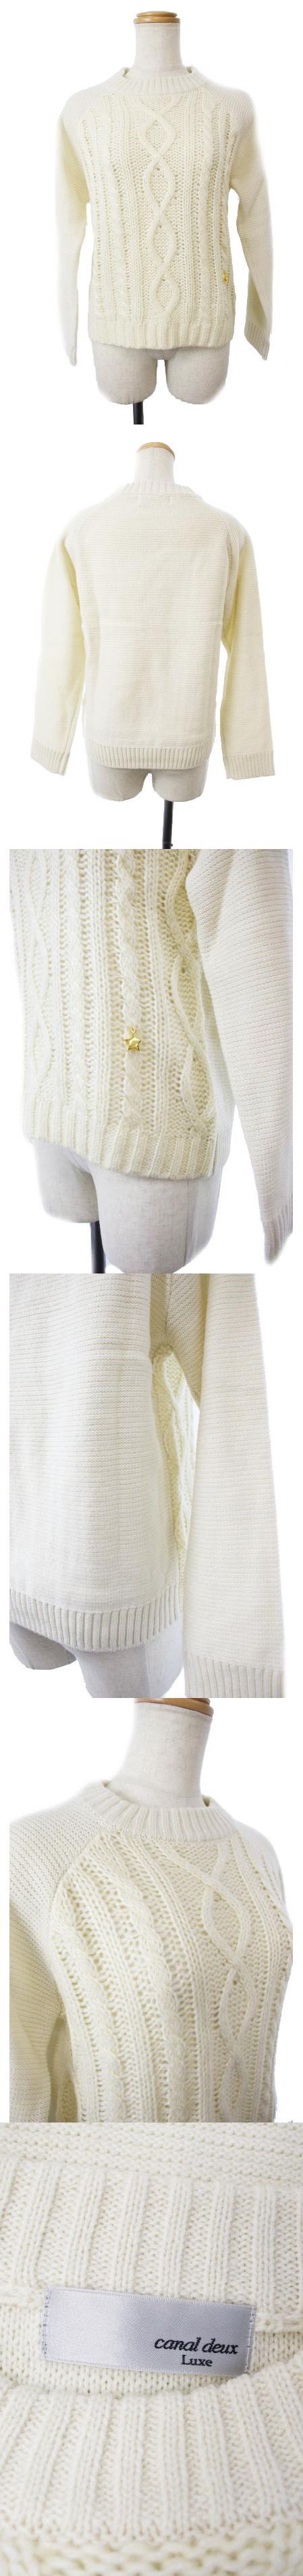 キャナル ドゥ リュクス canal deux Luxe セーター ニット 長袖 ハイネック 編み込み ウール混 アルパカ混 M 白 ホワイト /TH30